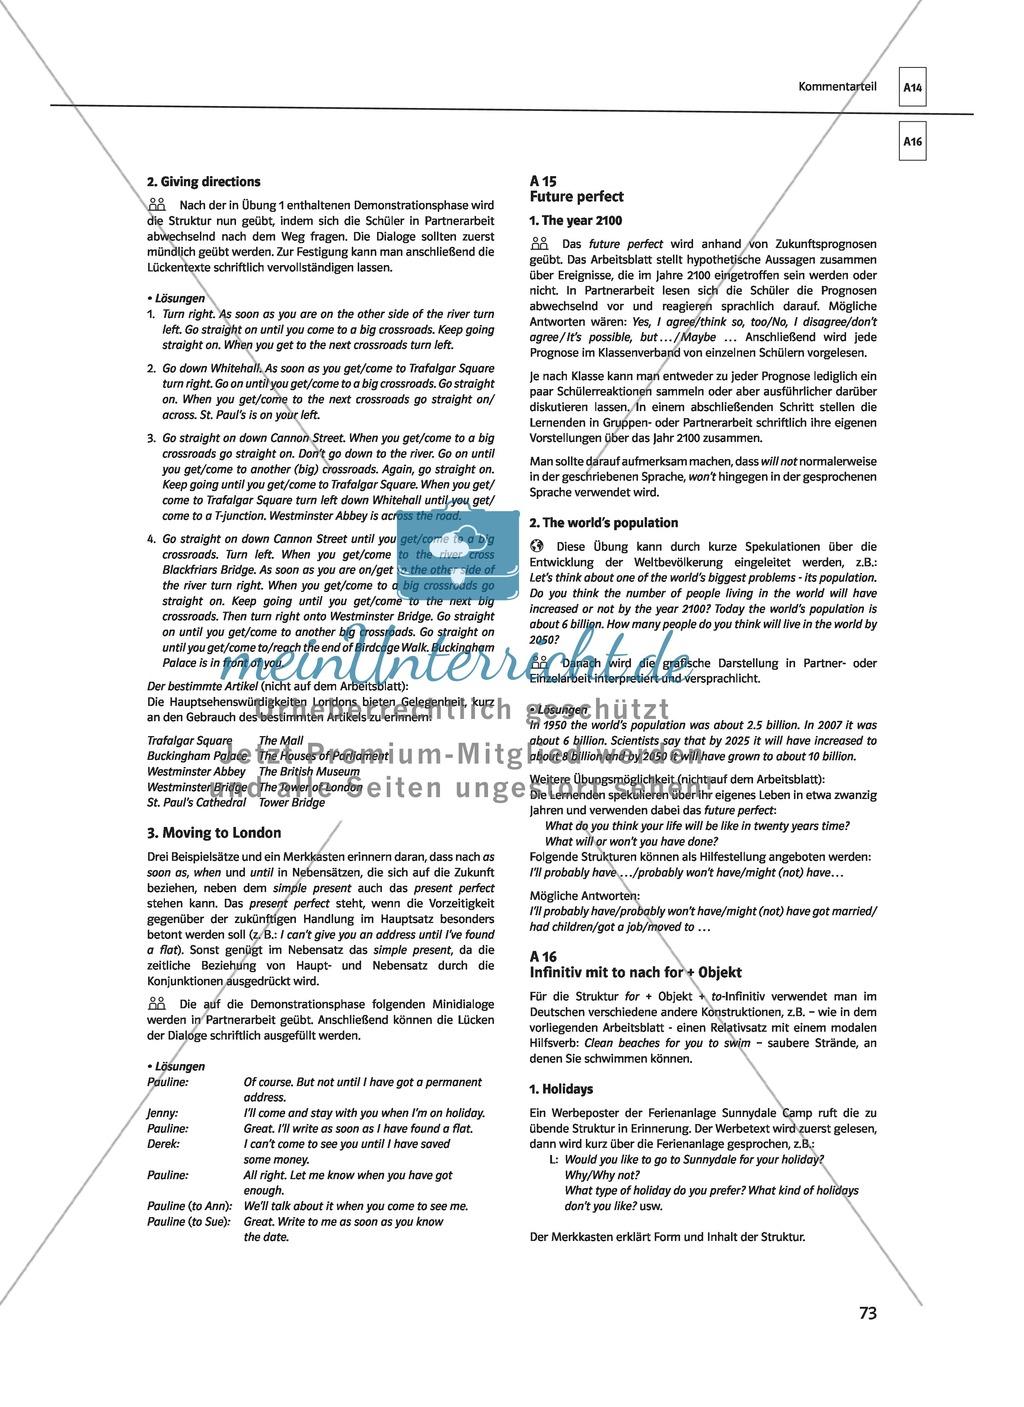 Englische Grammatik üben: Arbeitsblätter zum Infinitiv - meinUnterricht